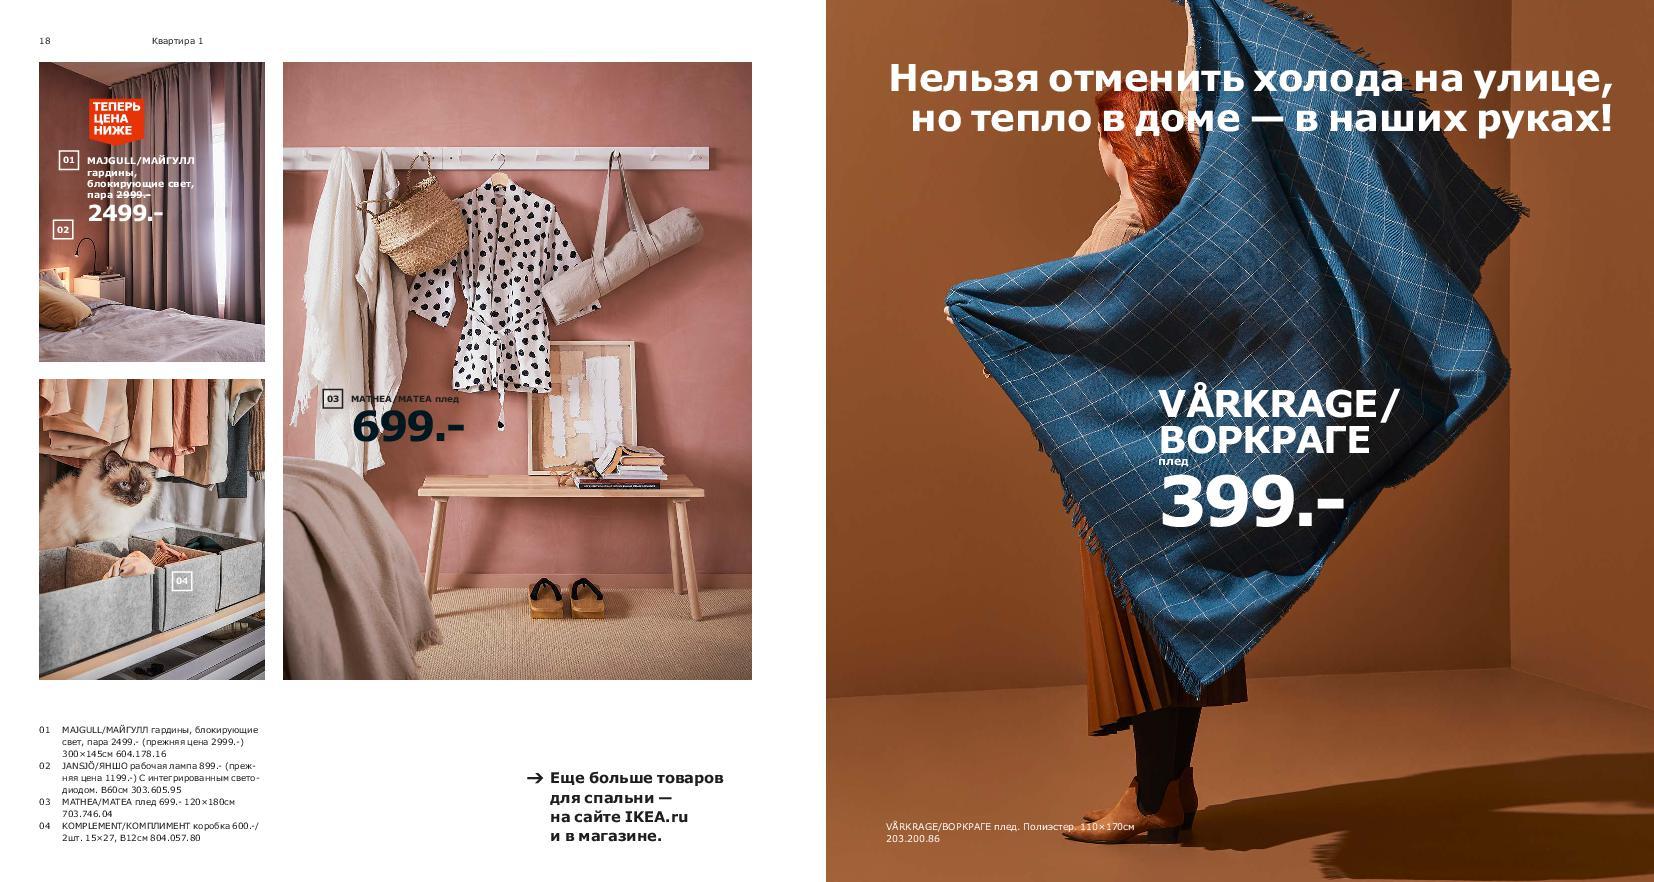 IKEA_catalogue_2019-10